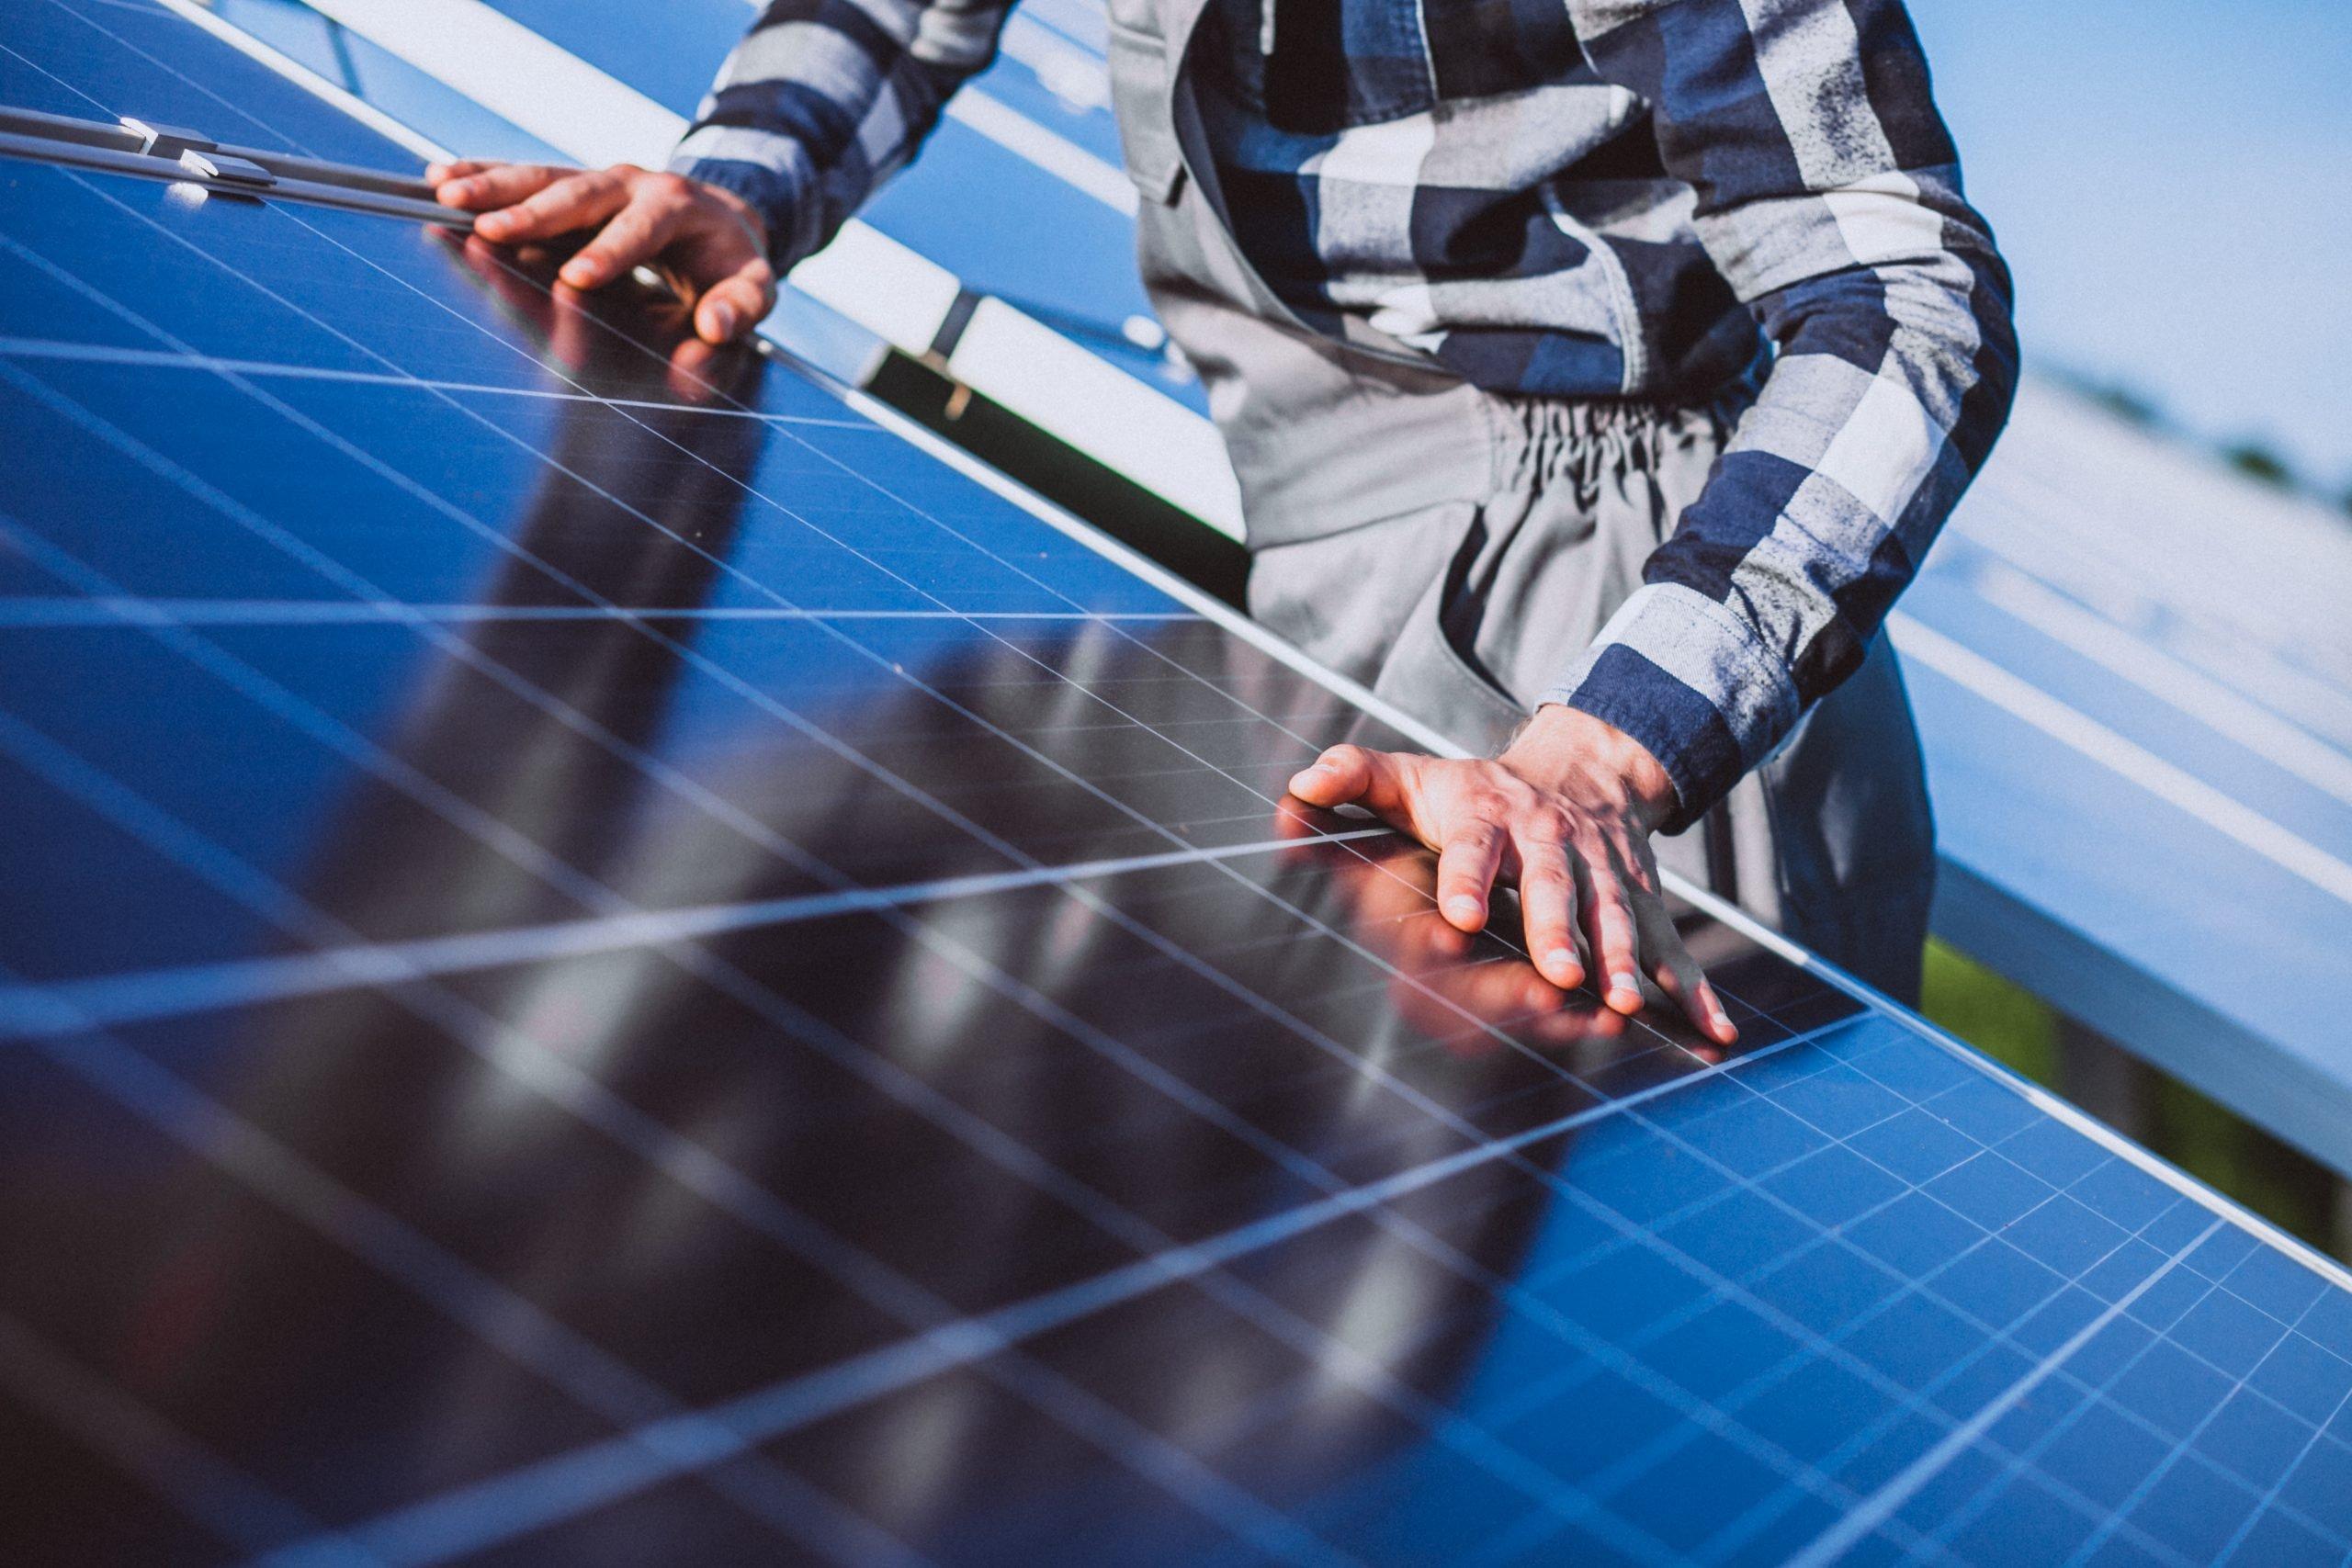 I pannelli fotovoltaici Gruppo Altea garantiti 25 anni sulla produzione